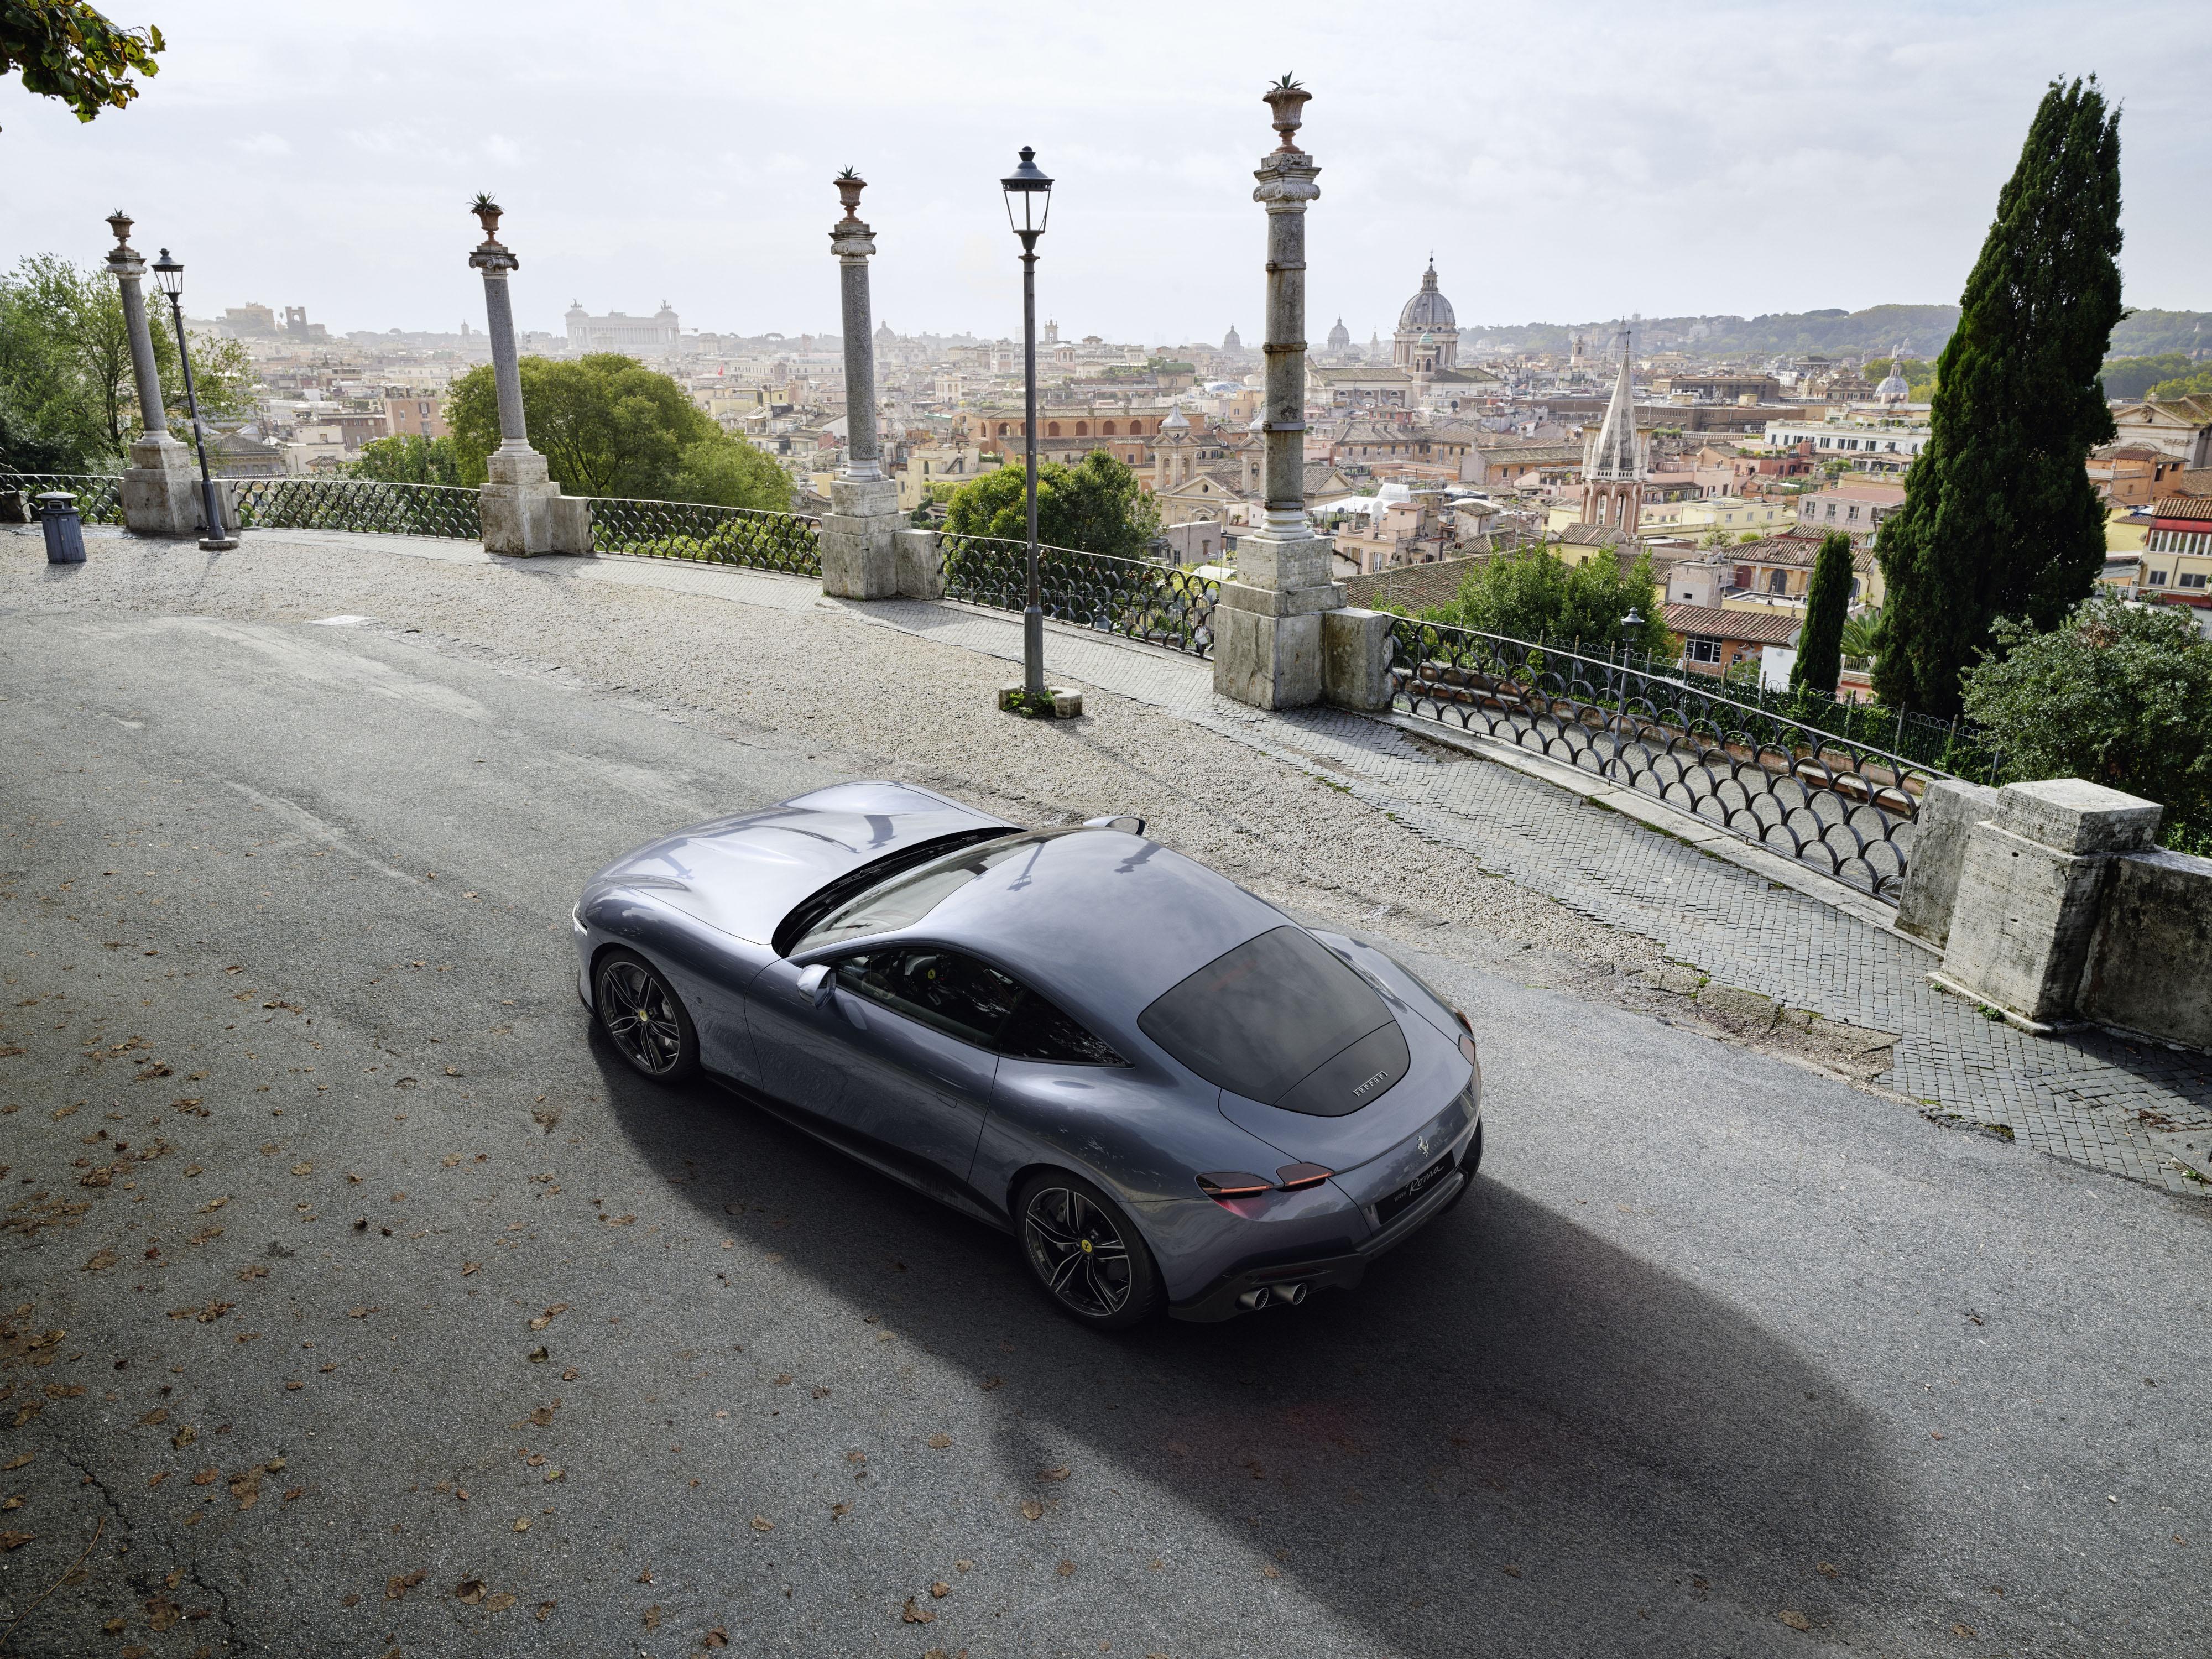 Ferrari Roma 4k Ultra Hd Wallpaper Background Image 4000x3000 Id 1058454 Wallpaper Abyss